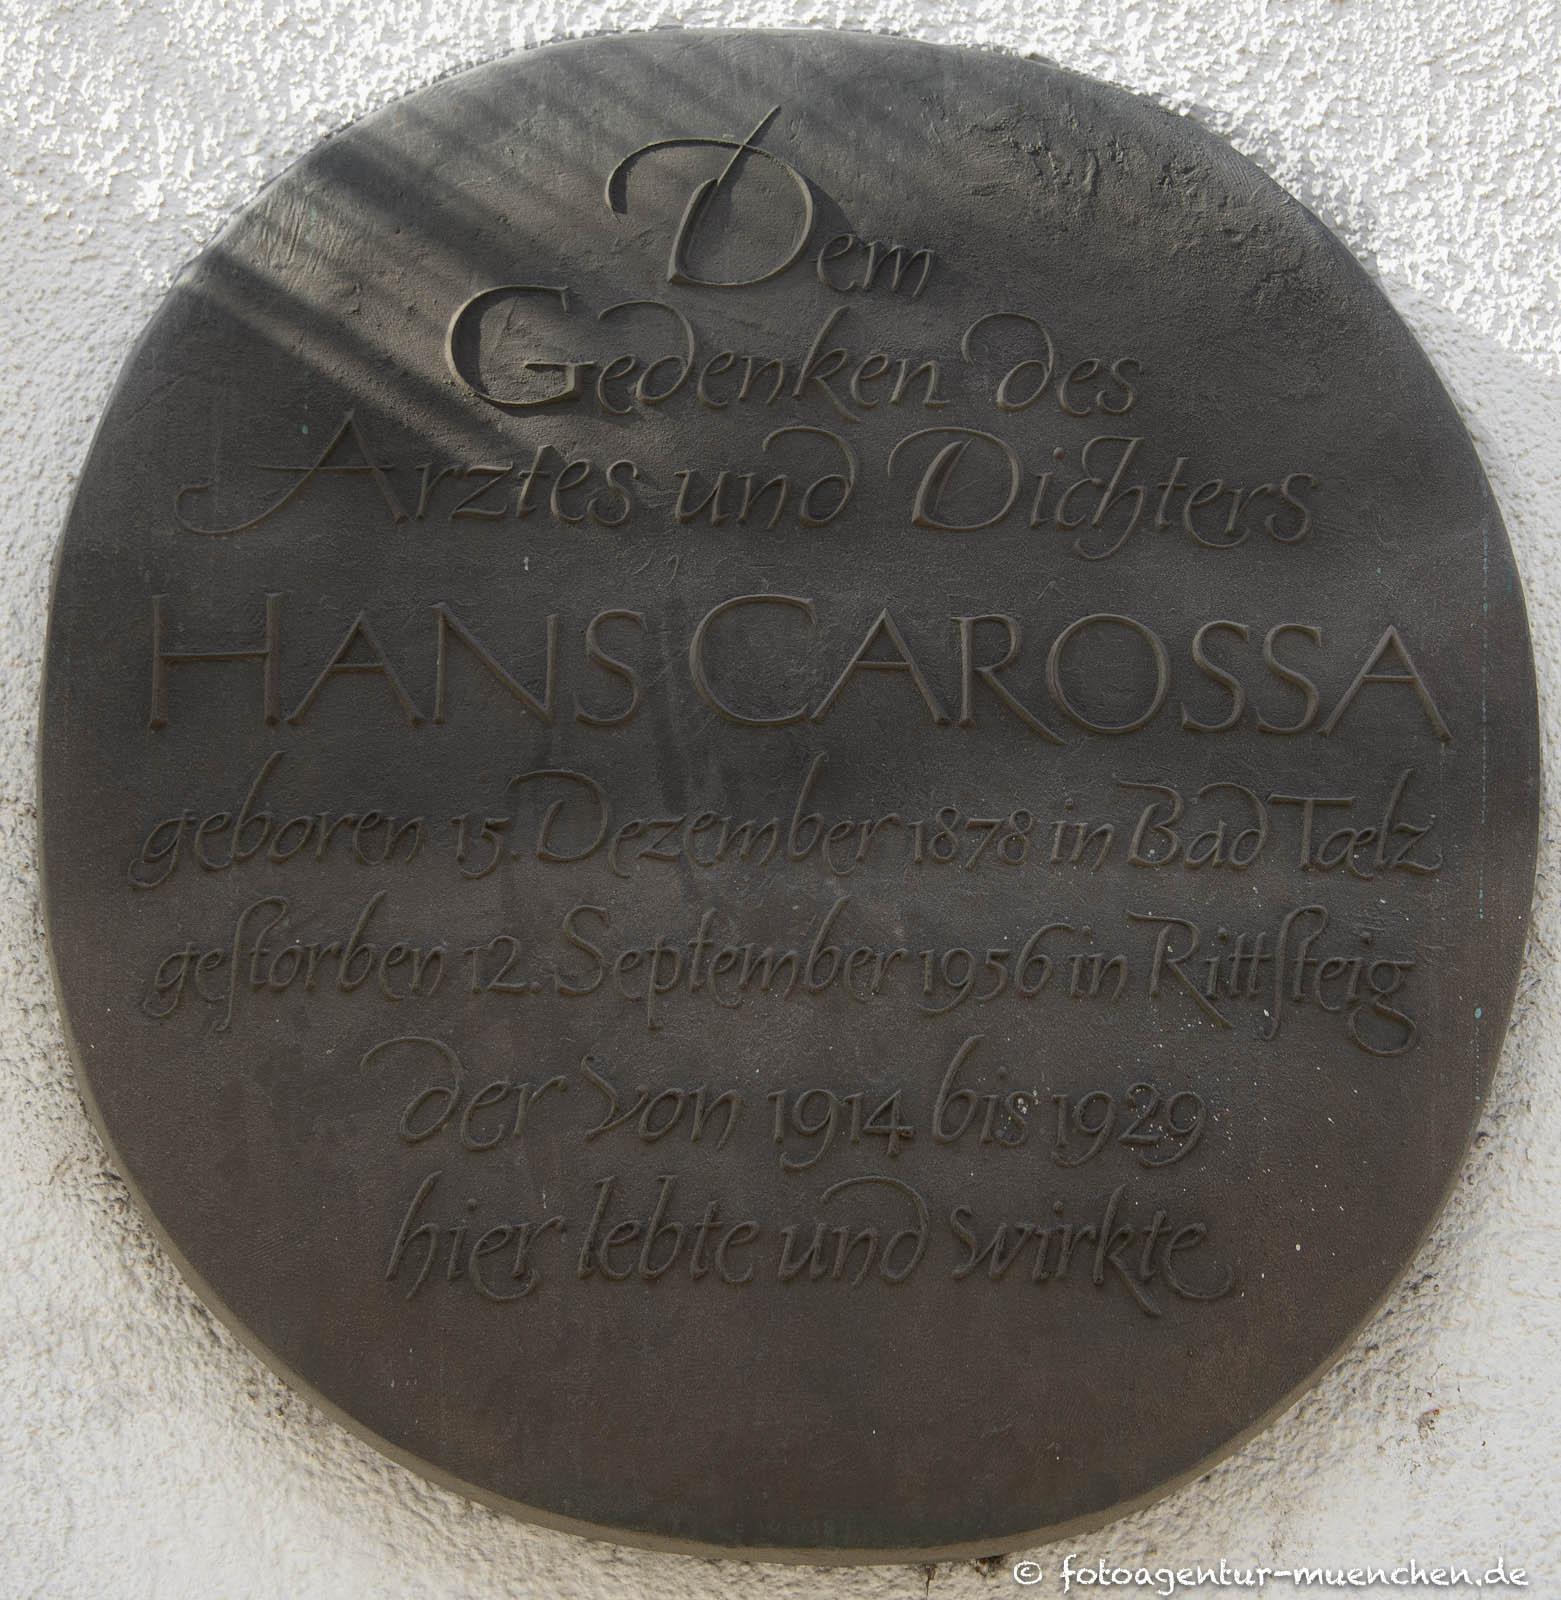 Hans Carossa